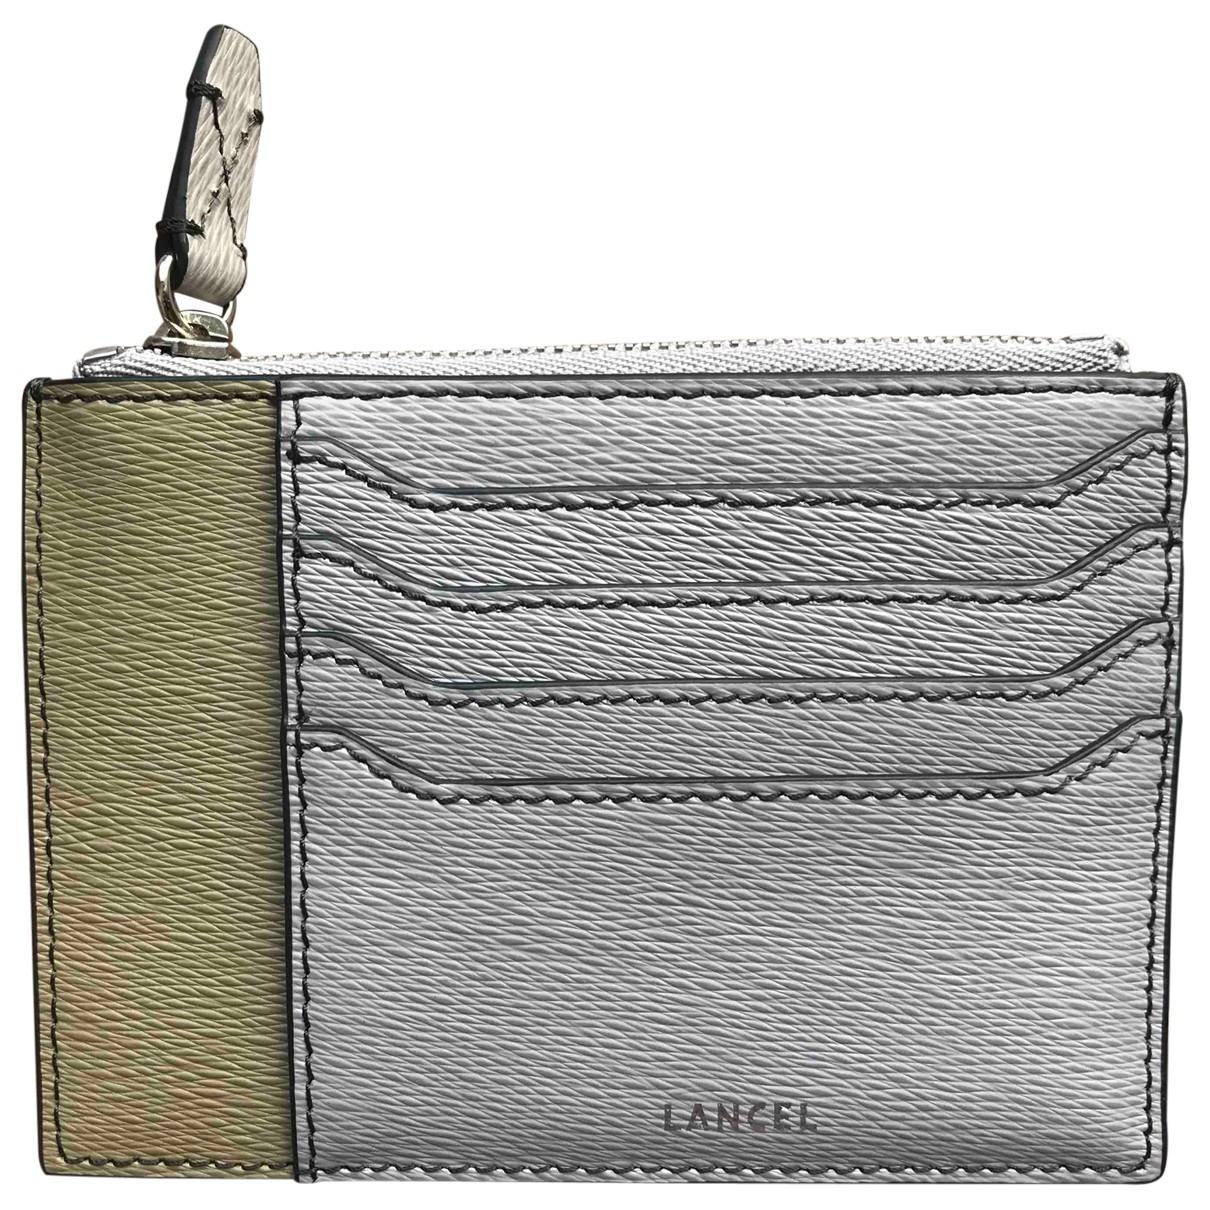 Lancel - Petite maroquinerie   pour homme en cuir - kaki